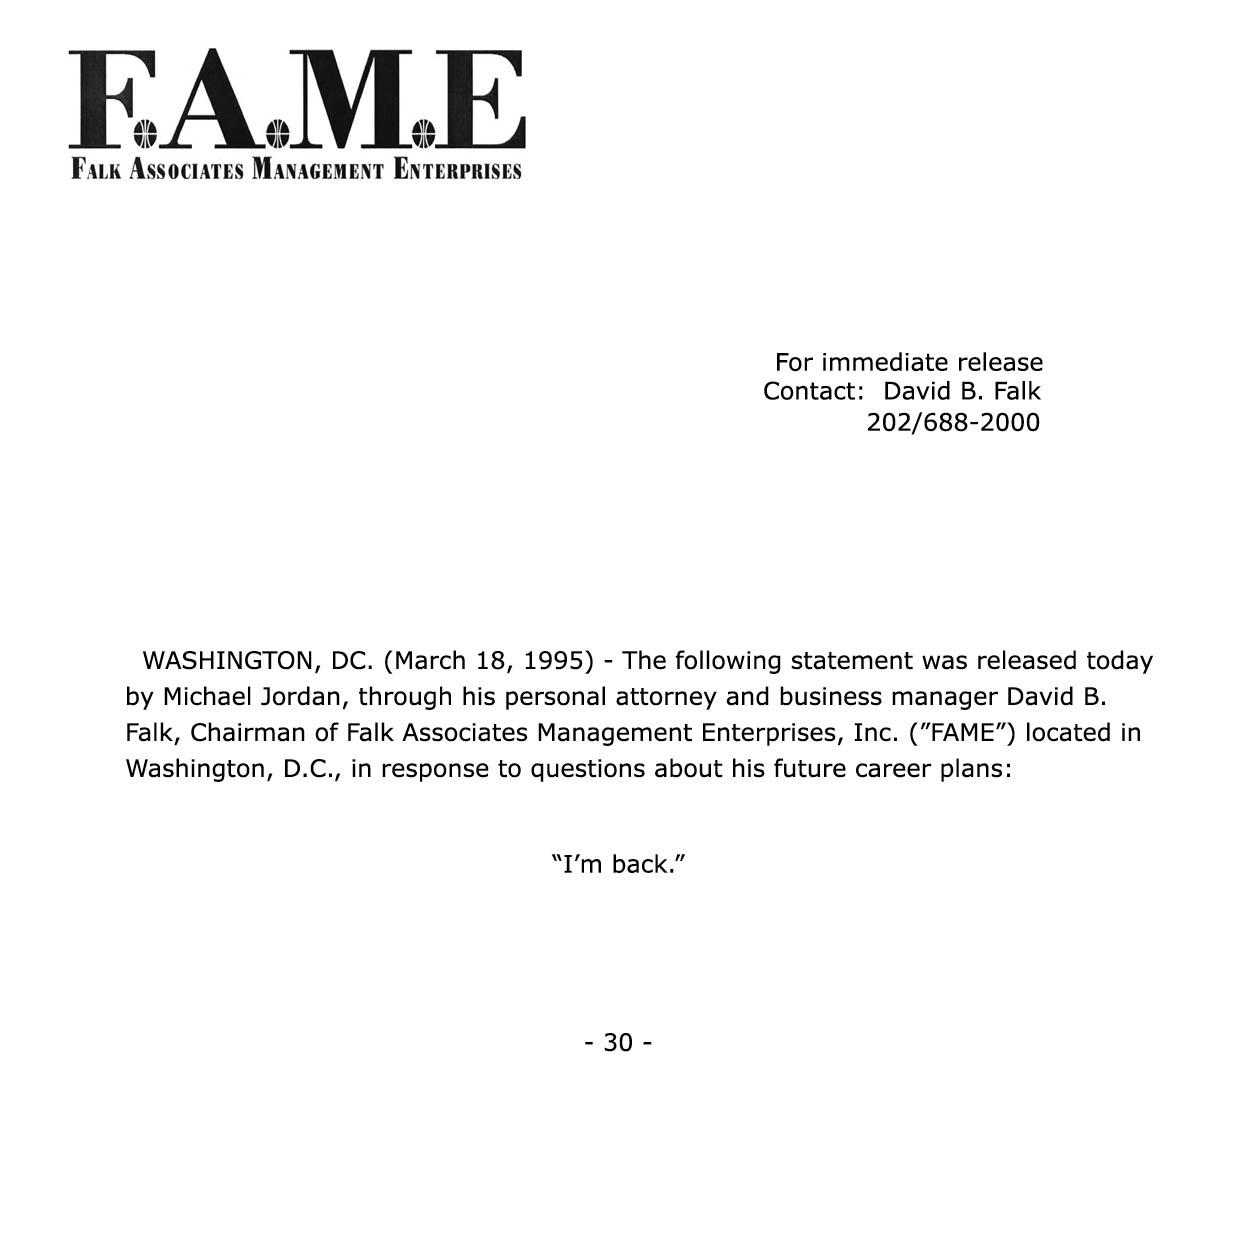 Michael-Jordan-Im-Back-fax